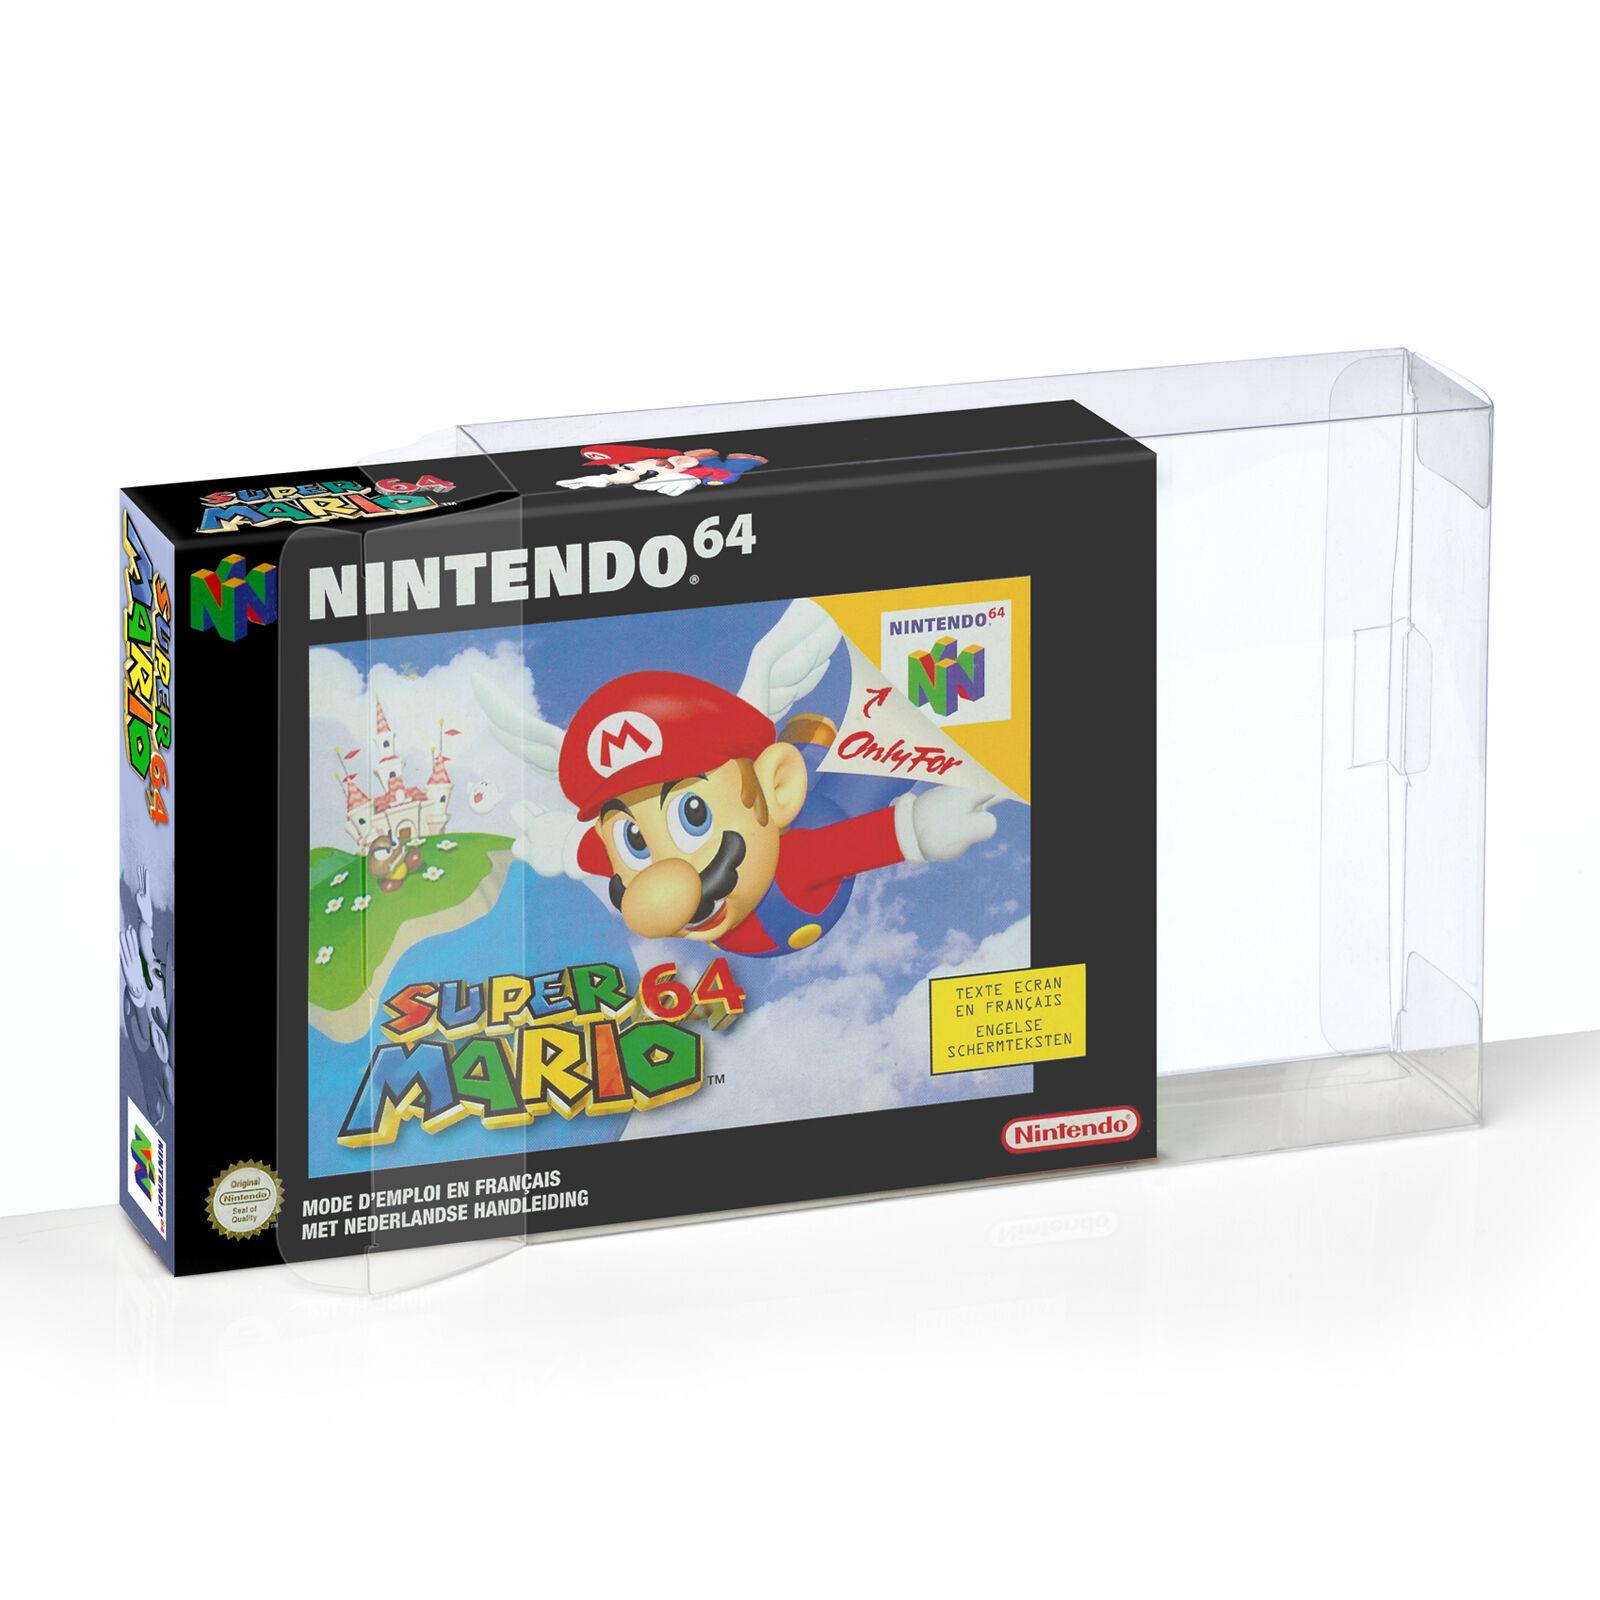 20 Klarsicht Schutzhüllen Nintendo 64 [20 x 0,3MM N64 OVP] Spiele Games